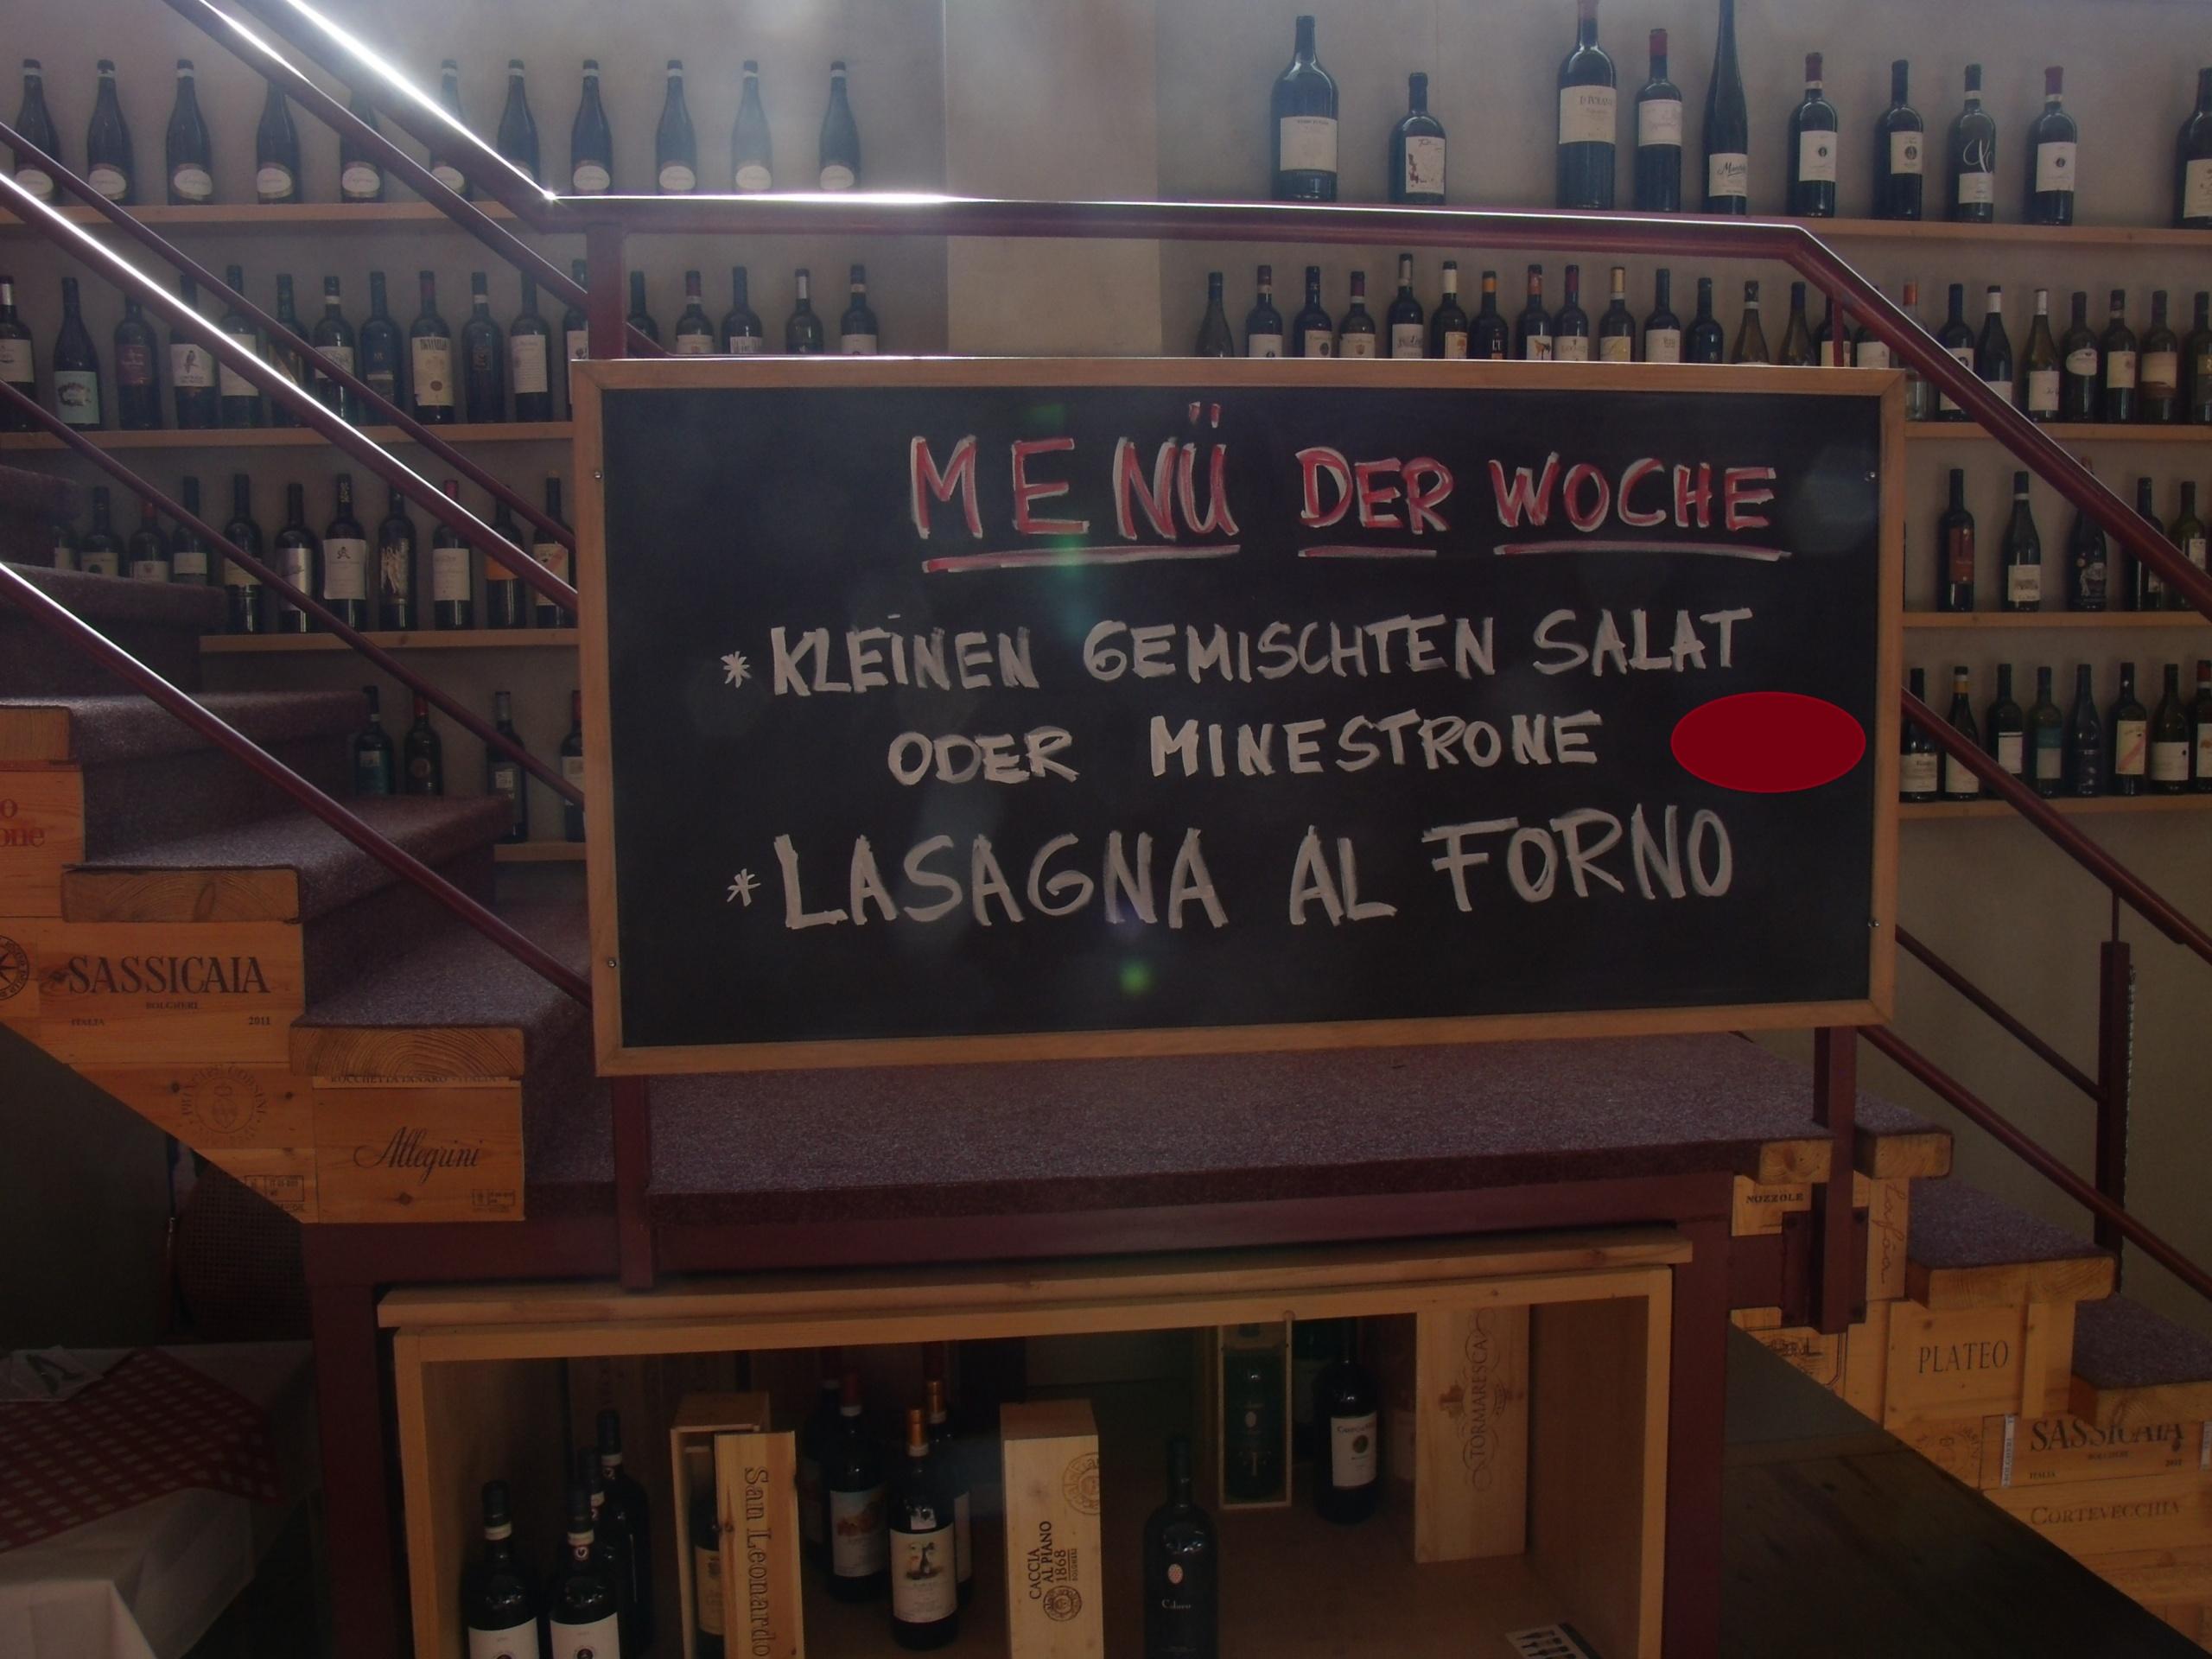 Mittagessen in Augsburg bei Mavin